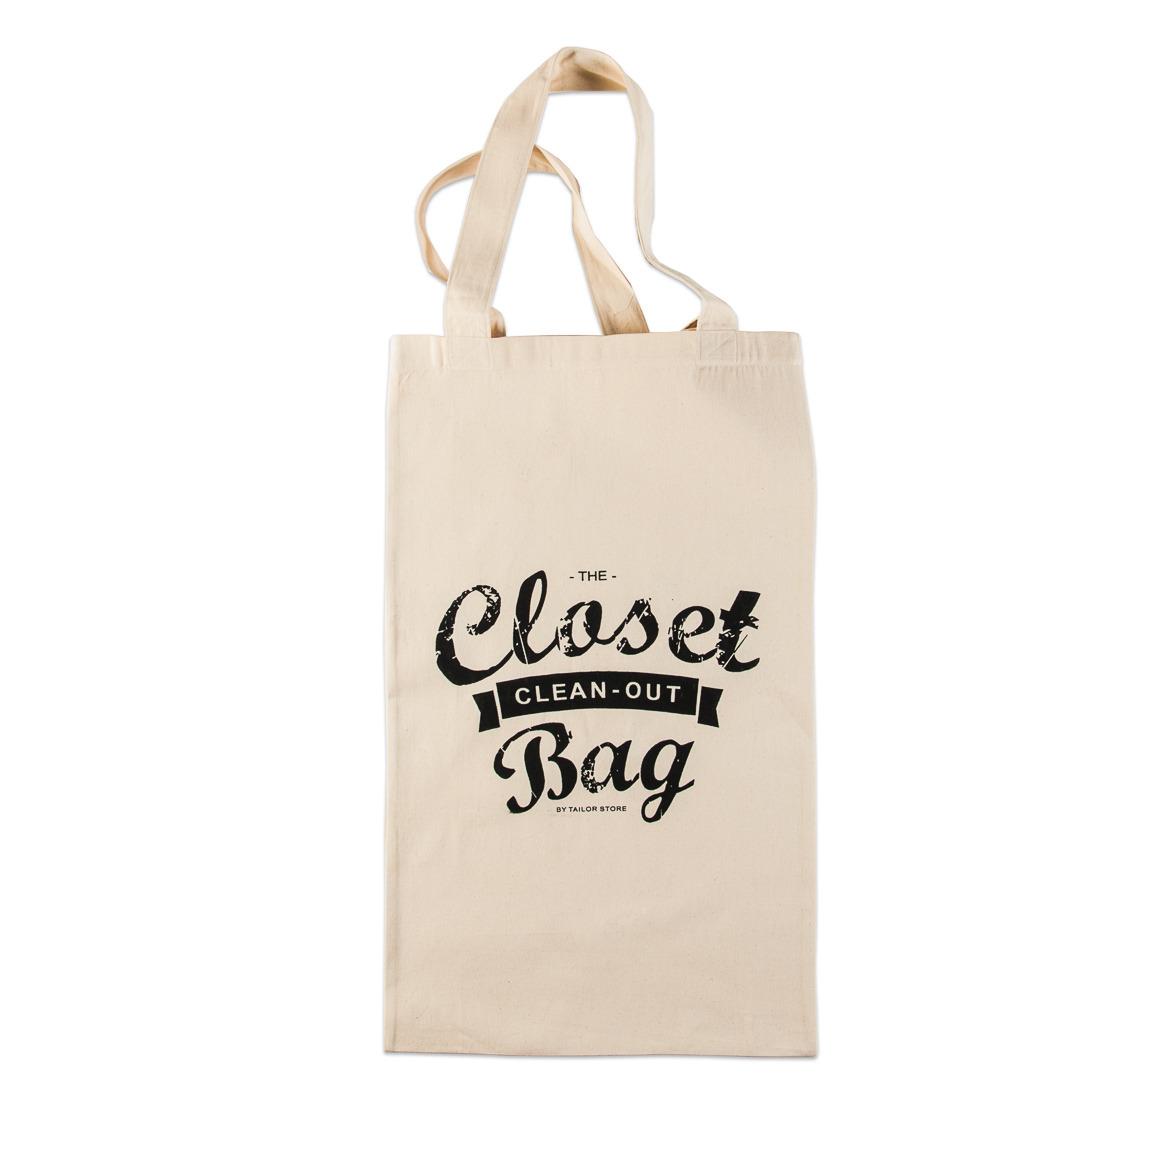 Closet Clean-Out Bag